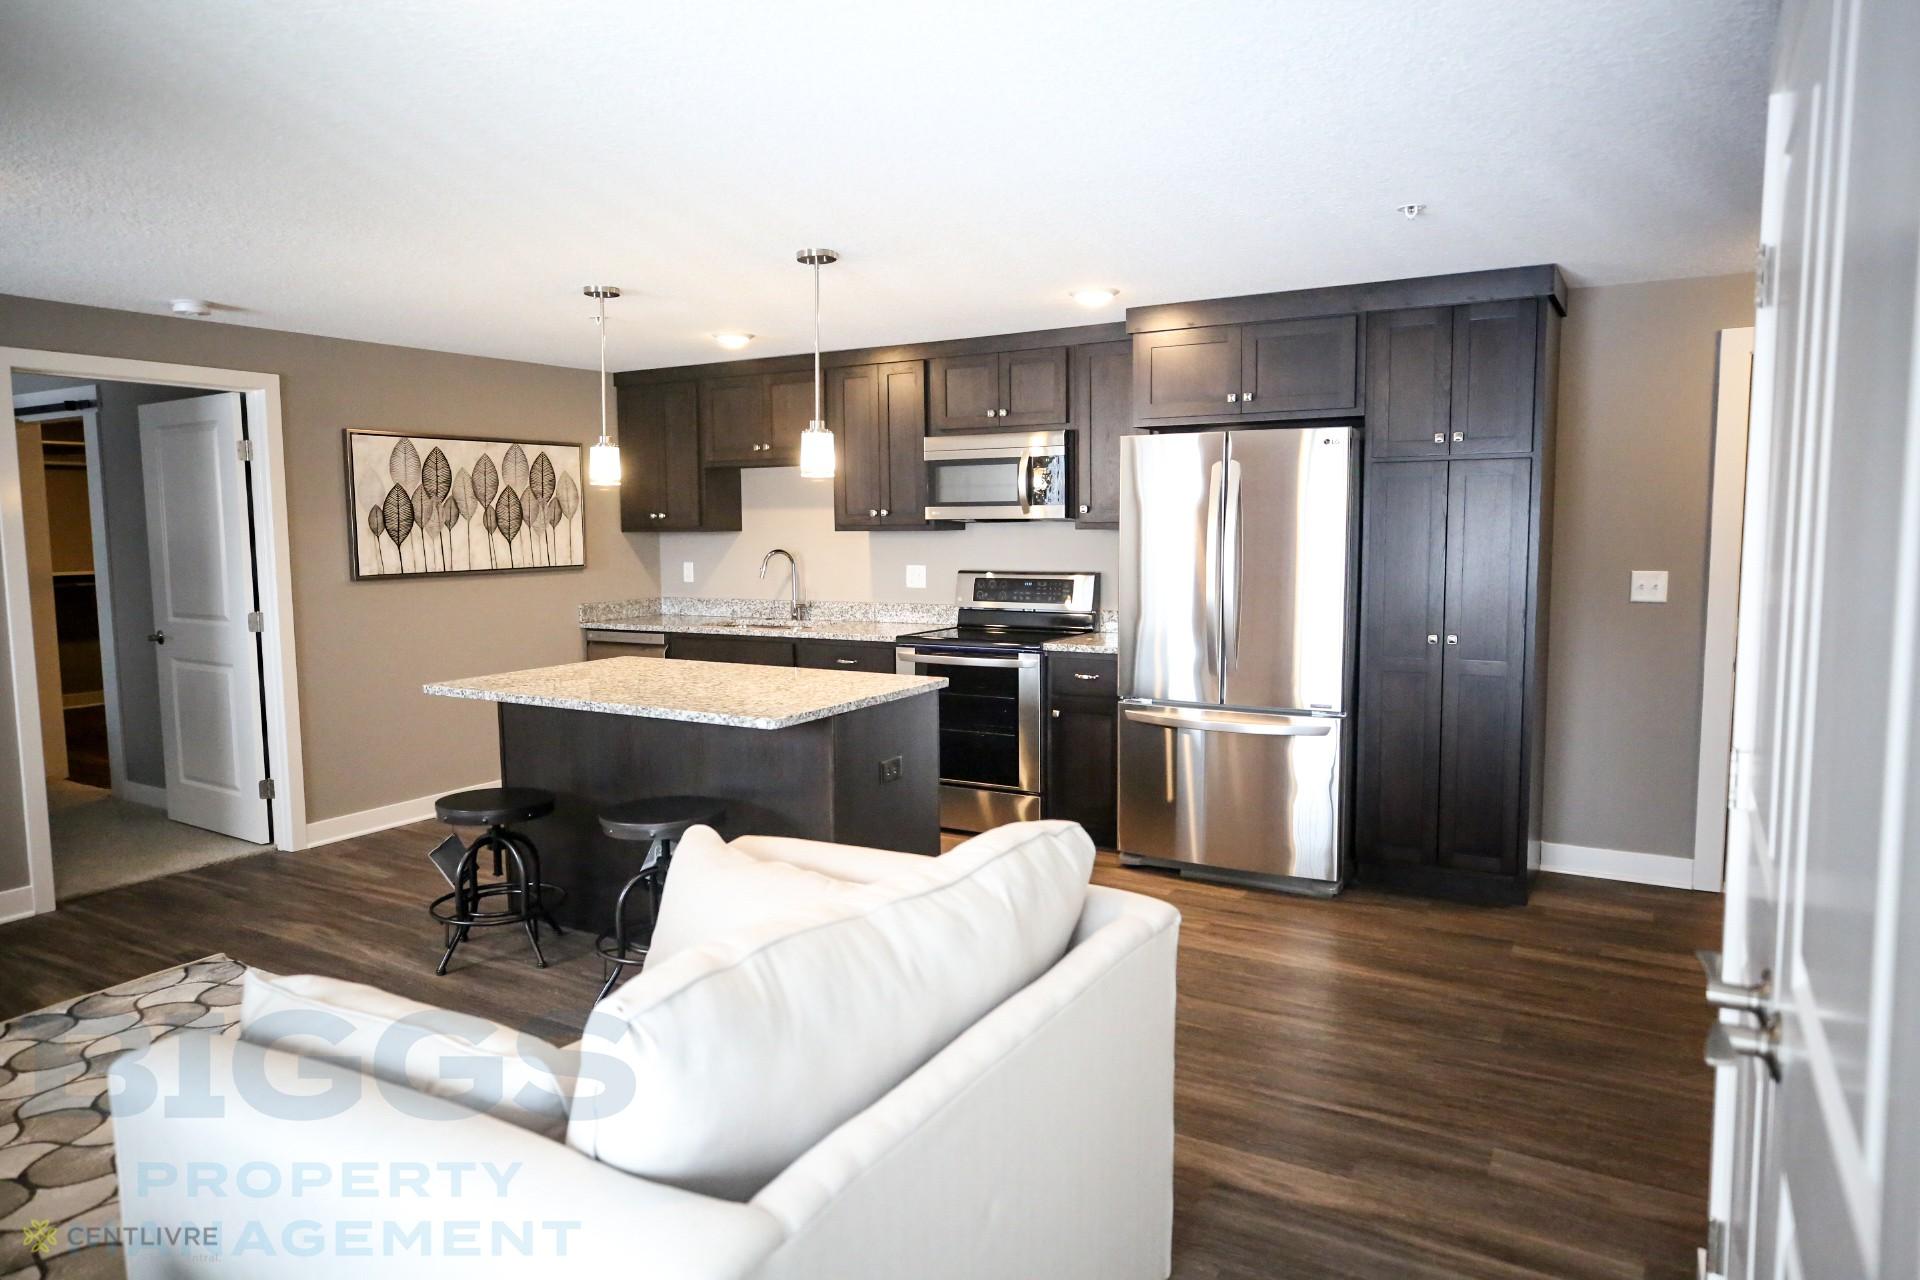 Centlivre Apartments